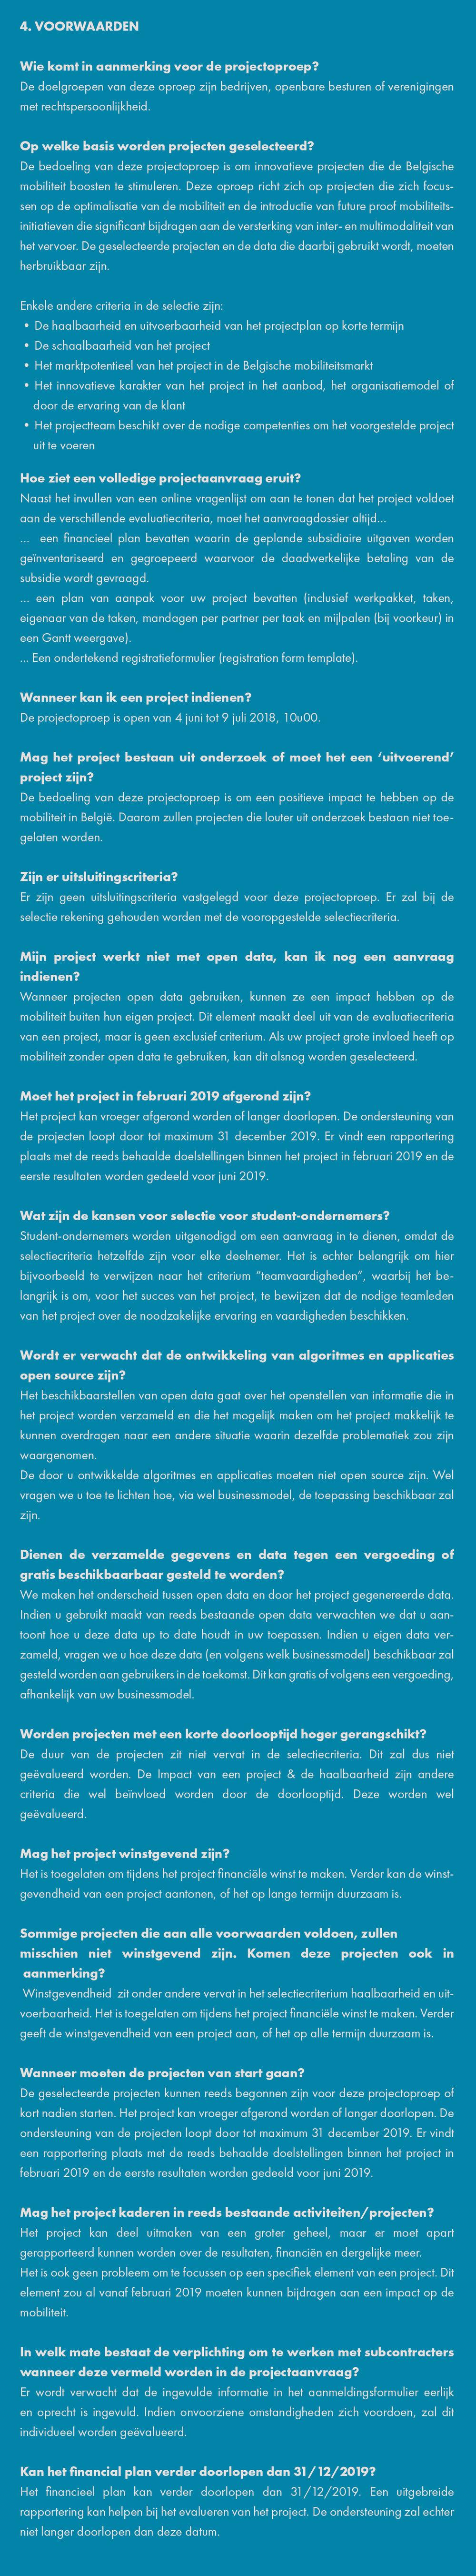 DELOITTE-SMB-TXT-VOORWAARDENBLOK4-NL.jpg